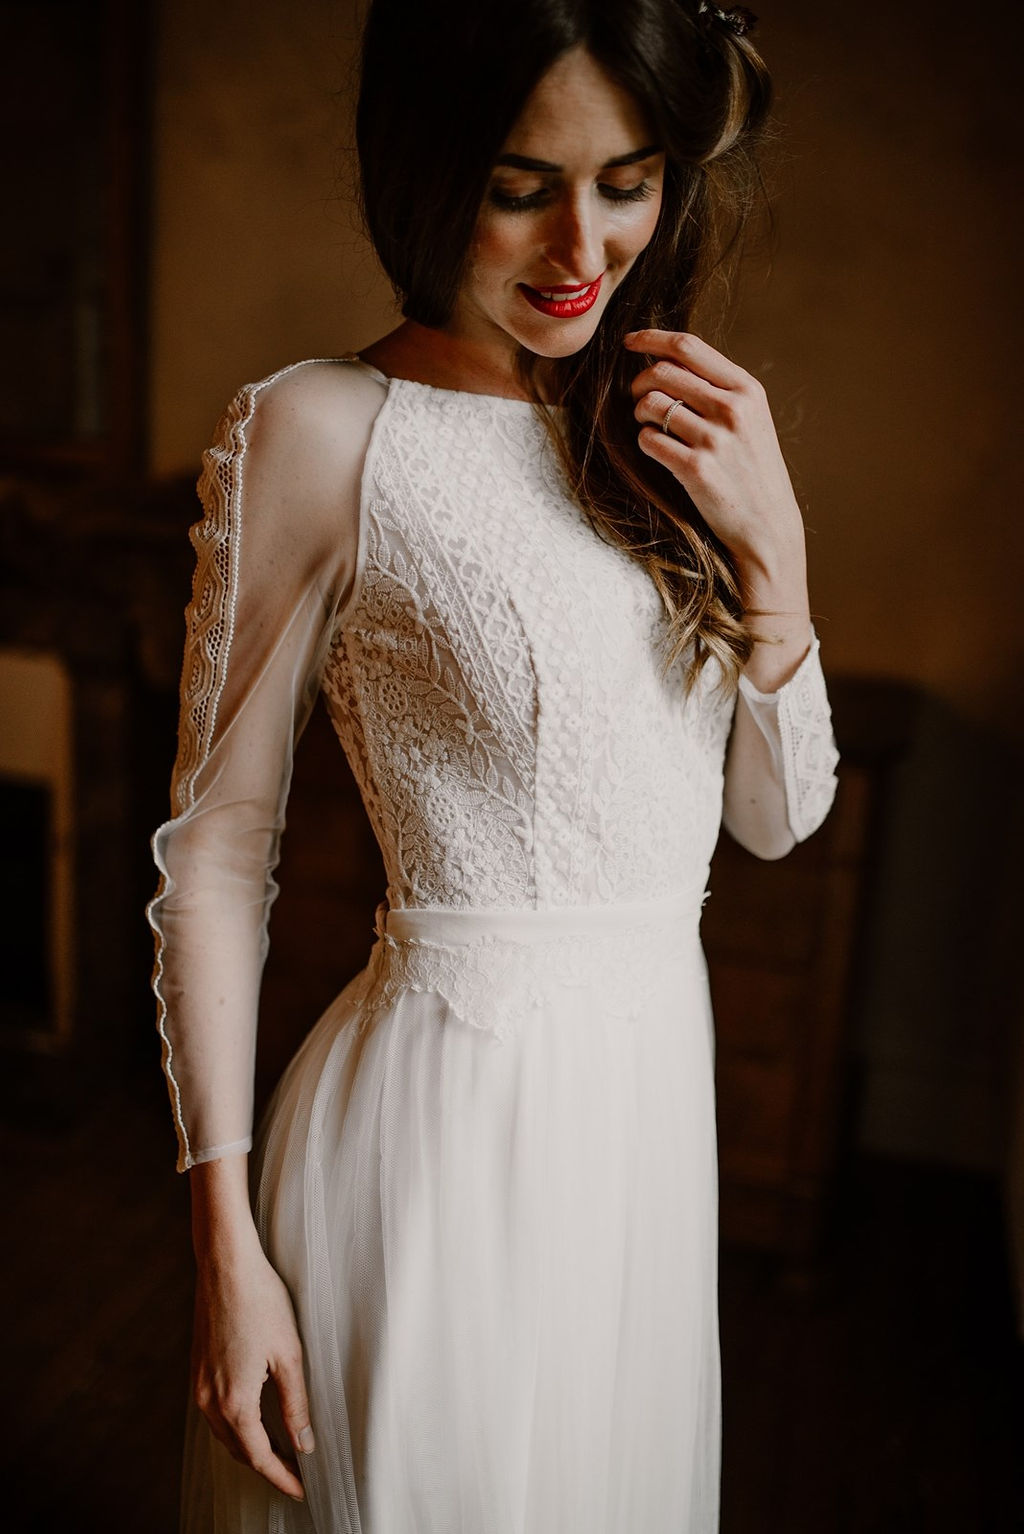 Composé de dentelle française cette robe est original avec ses manches transparentes.